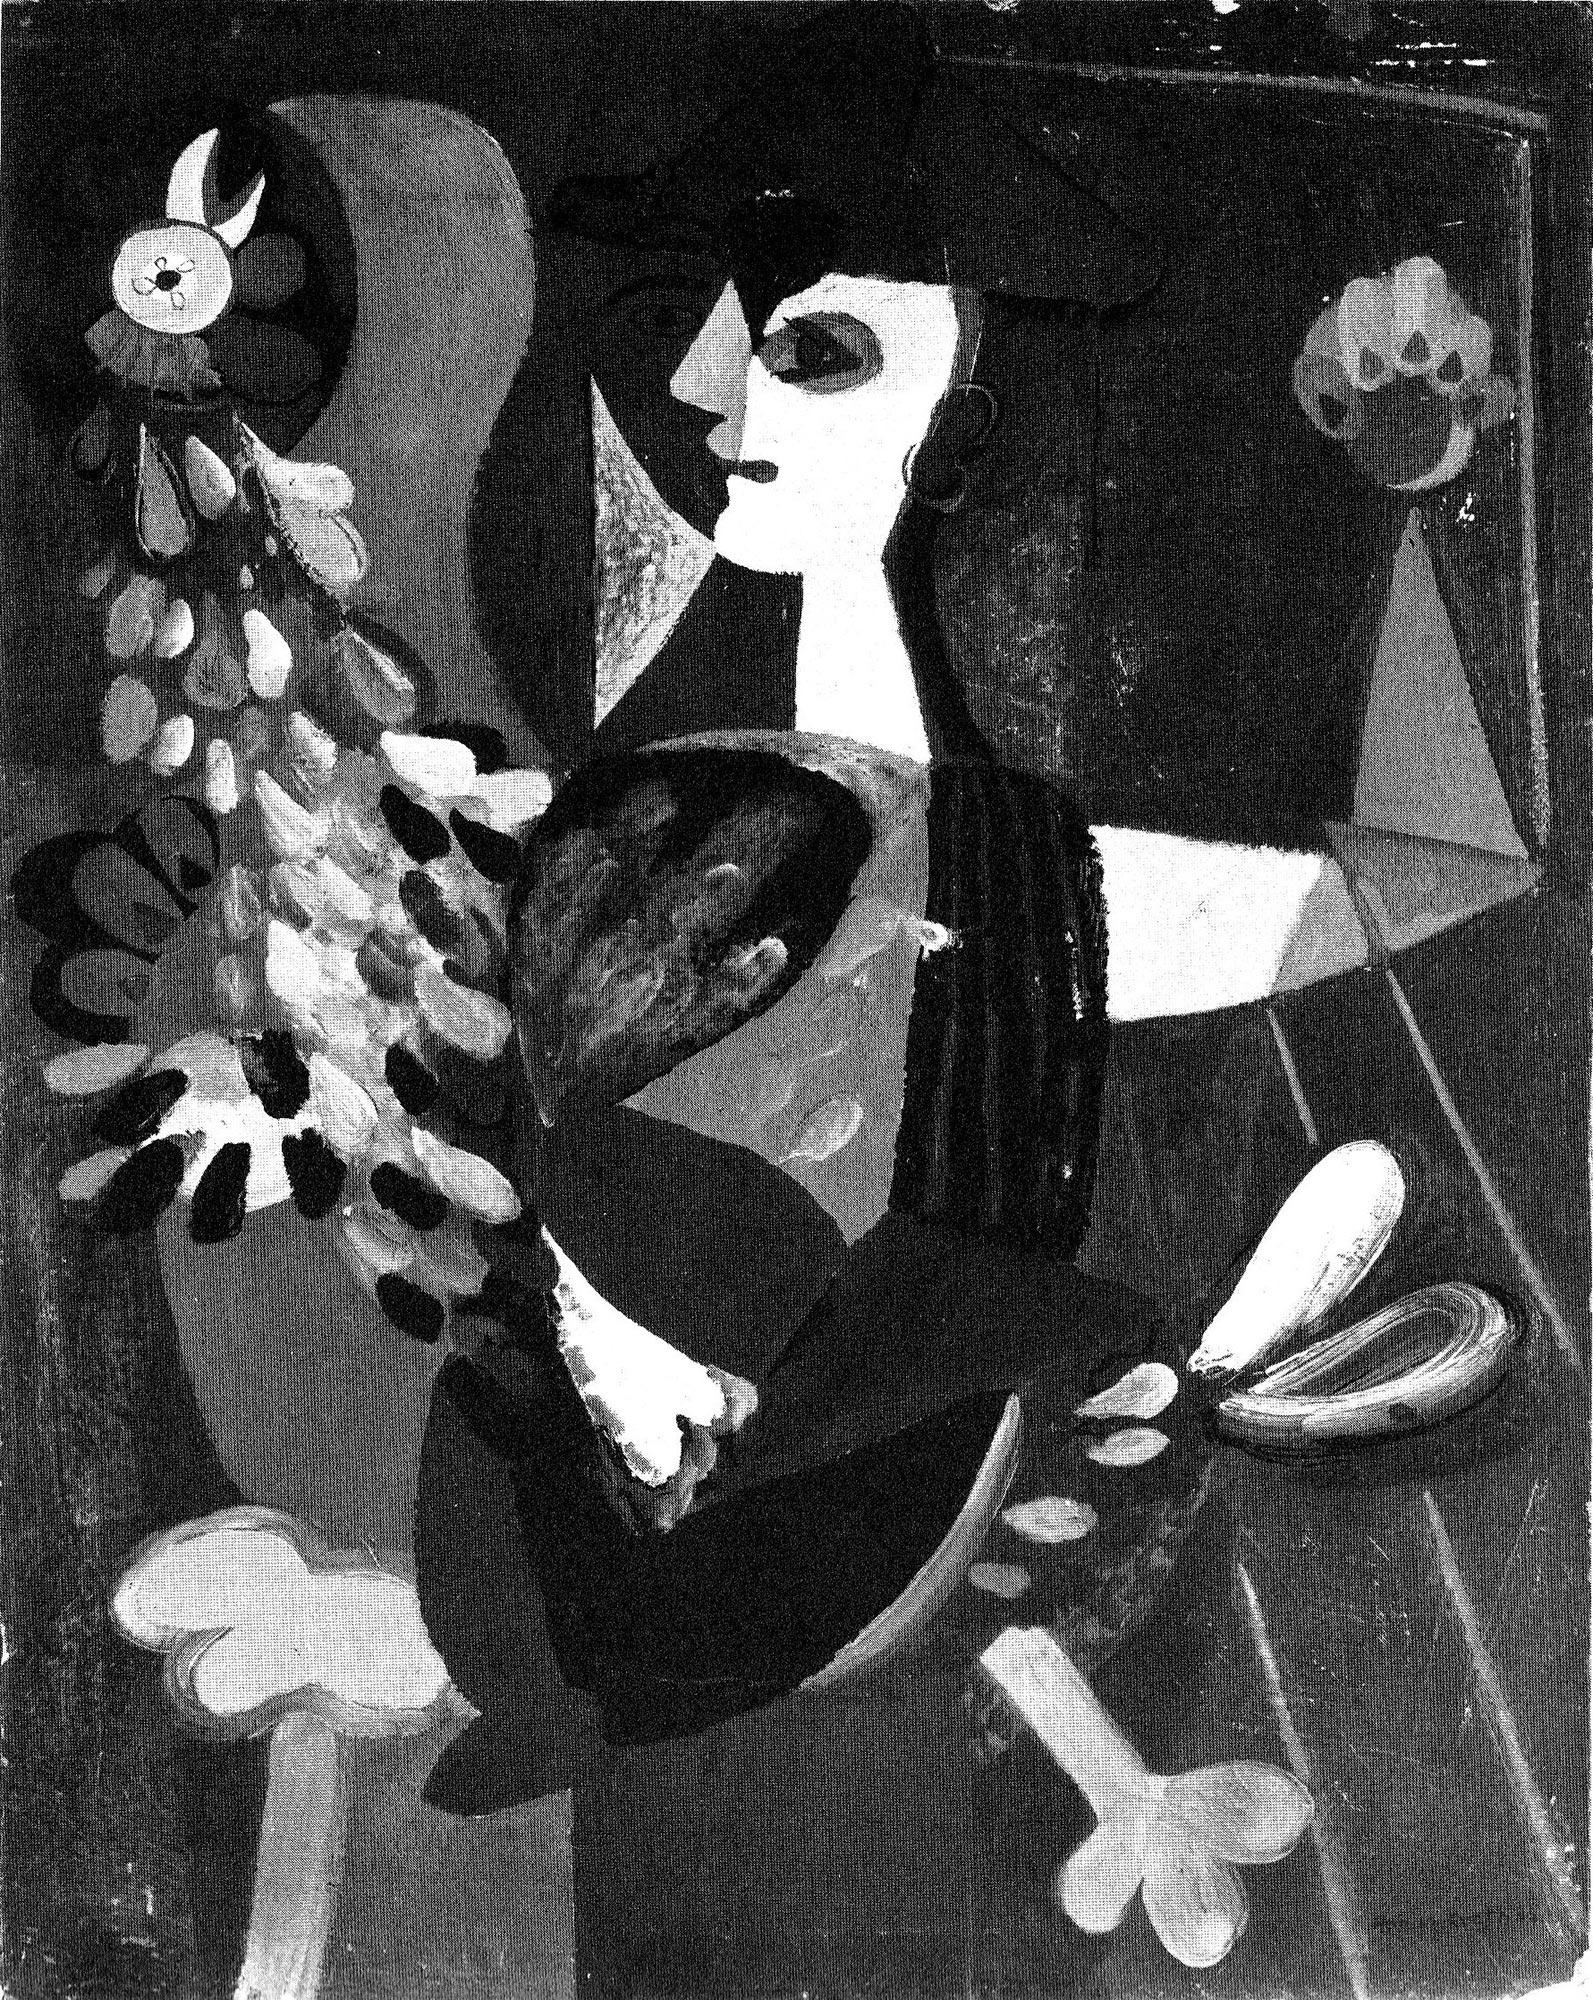 9 Hein Heckroth, Harlekin mit Hahn, 1935, Öl auf Pappe, 88 × 69 cm (Gabler 1977, Kat.-Nr. 9)